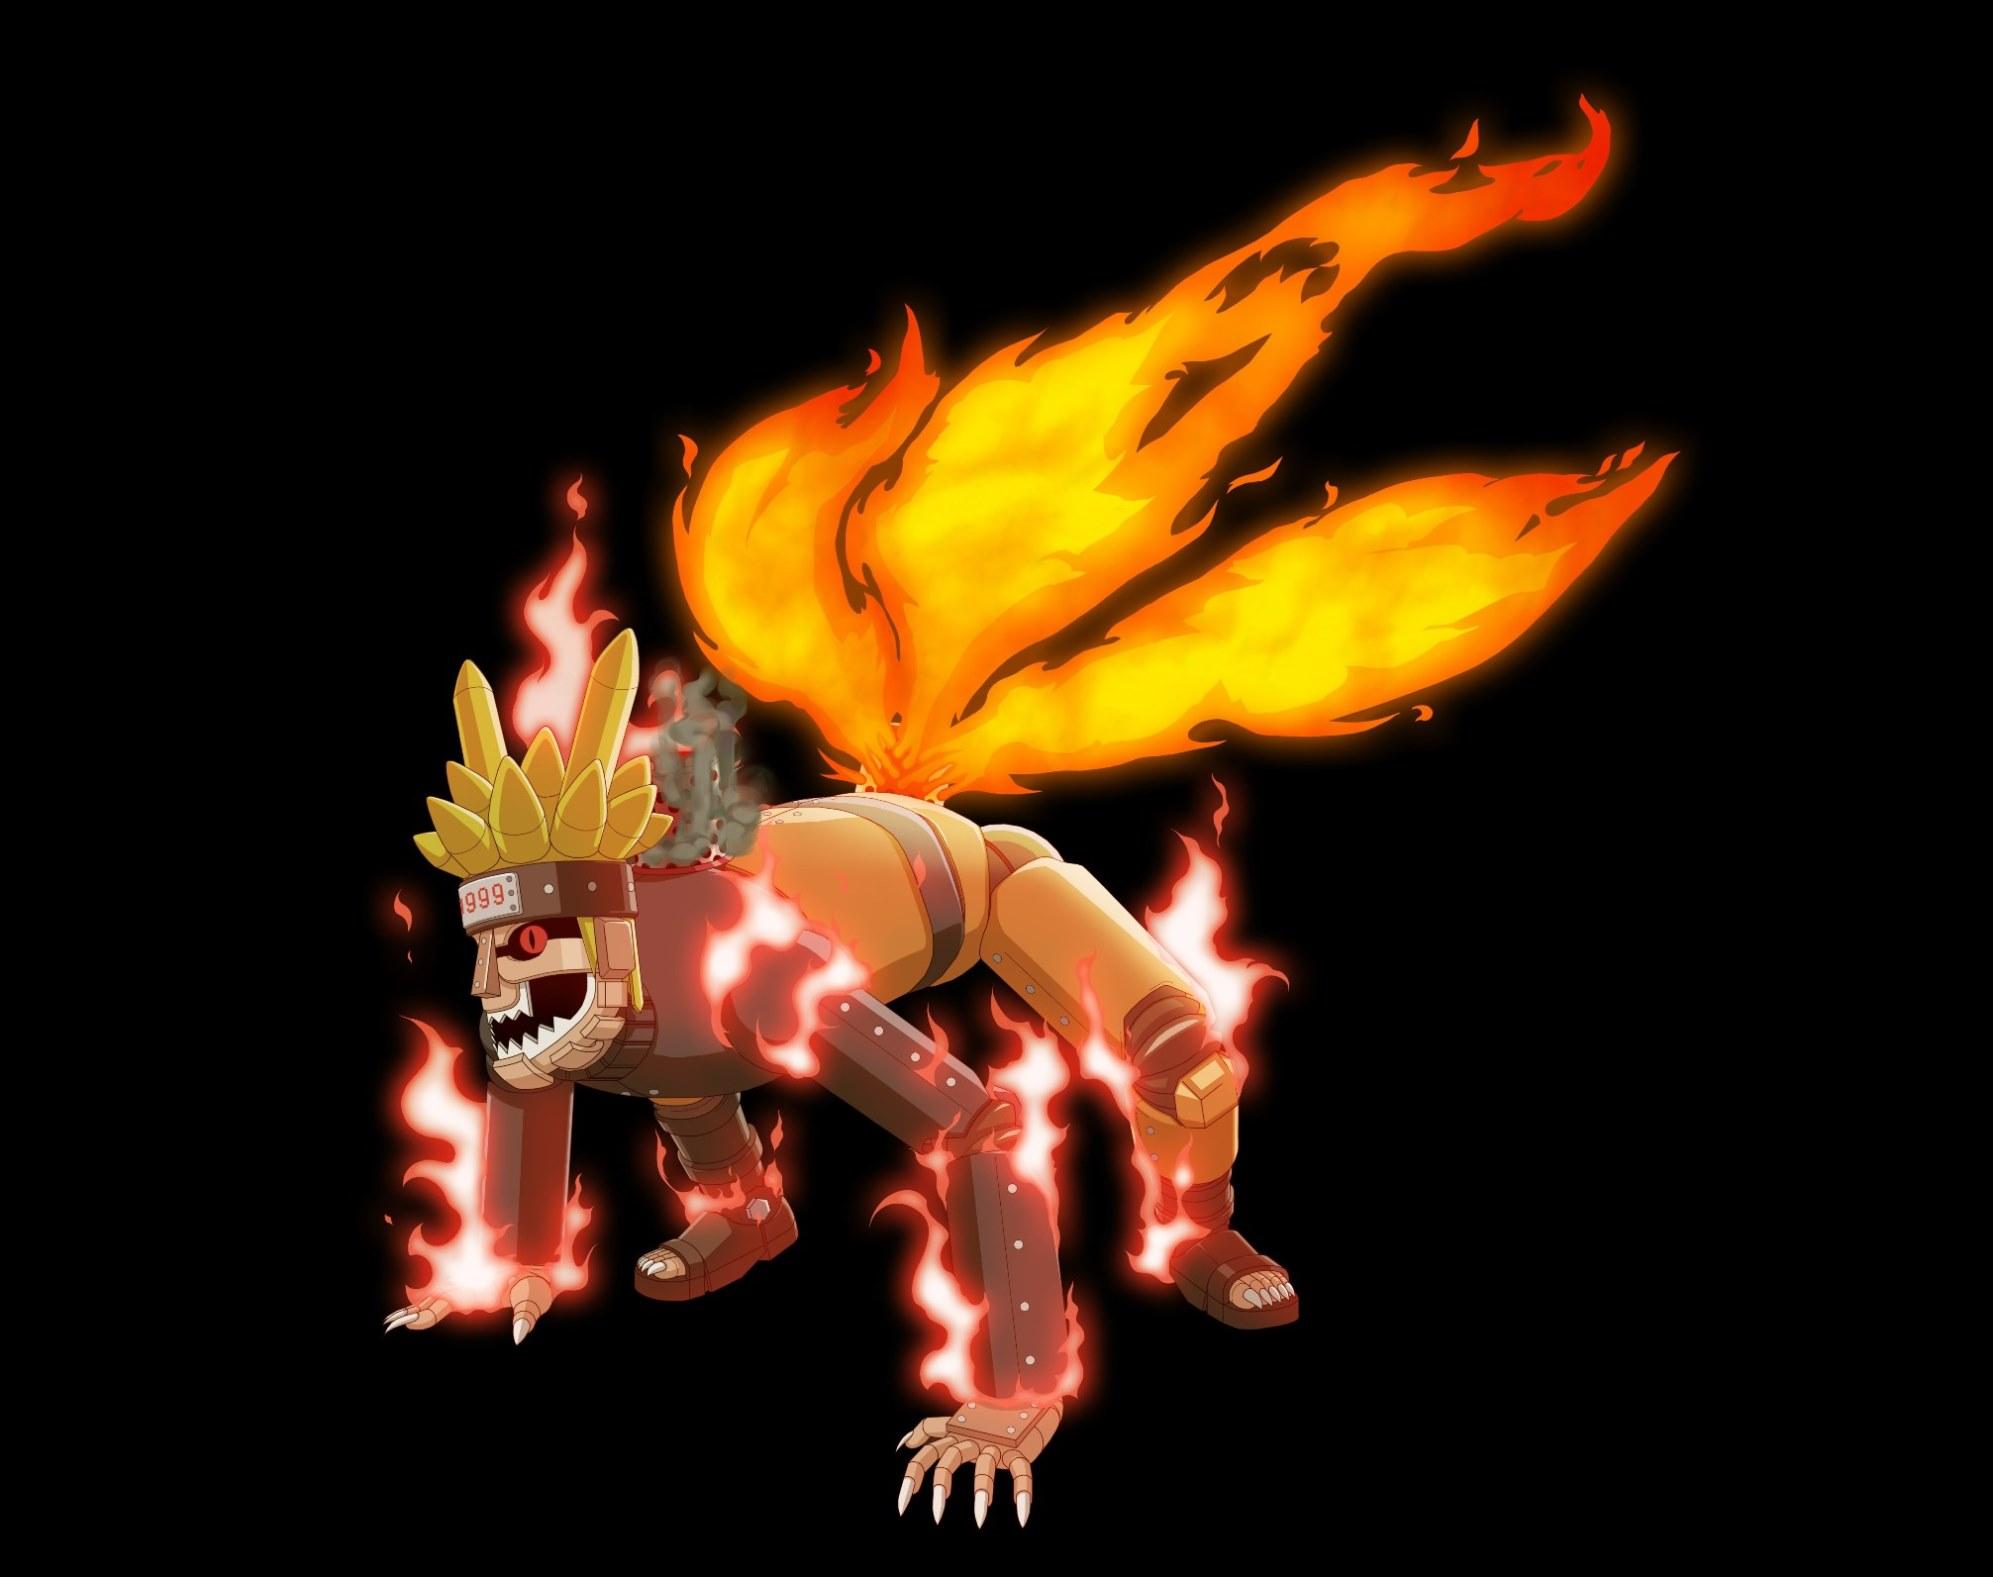 23/12/13 - Mecha Naruto 3